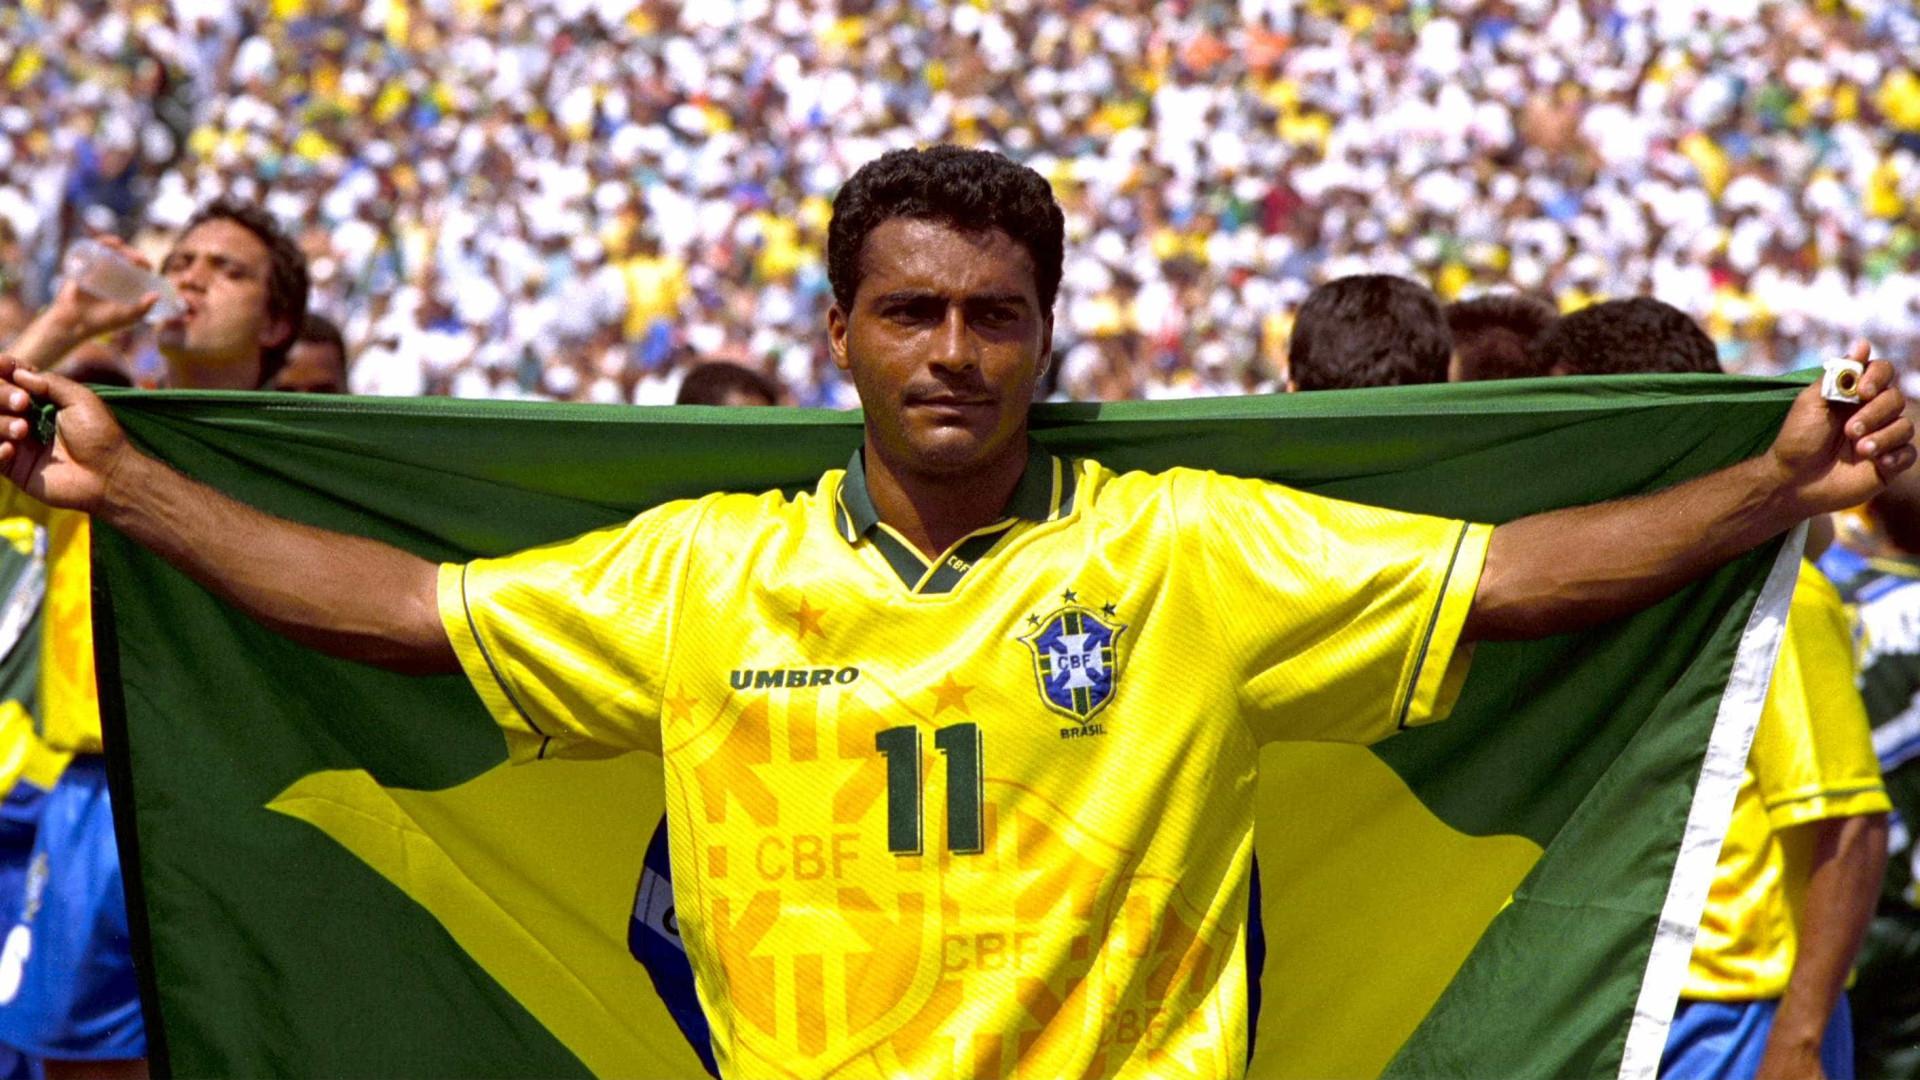 Romário   Marquei 55 gols em 74 jogos. Neymar marcou 55 em 85 jogos  0e9634f8da4bf